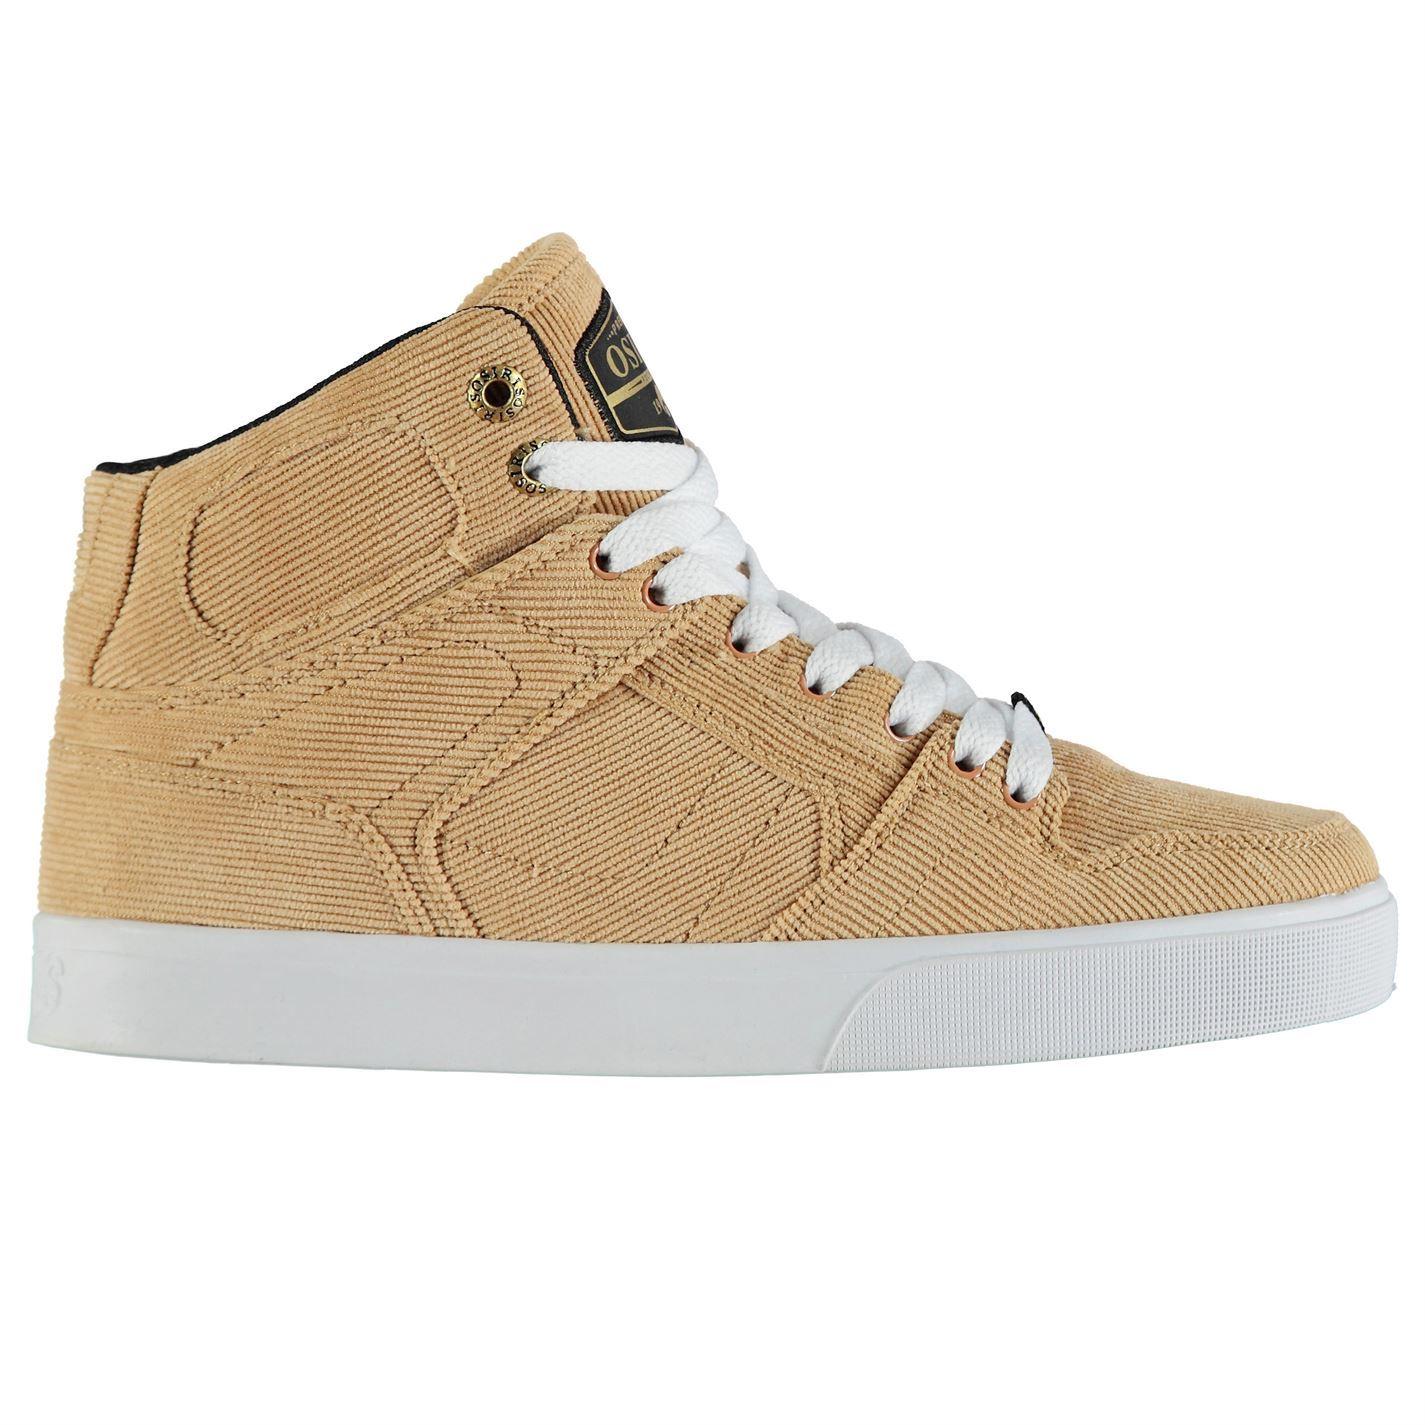 chaussures vieux lacoste vieux chaussures bordeaux en cuir naturel, pu 734cam0024-1v9s 181720